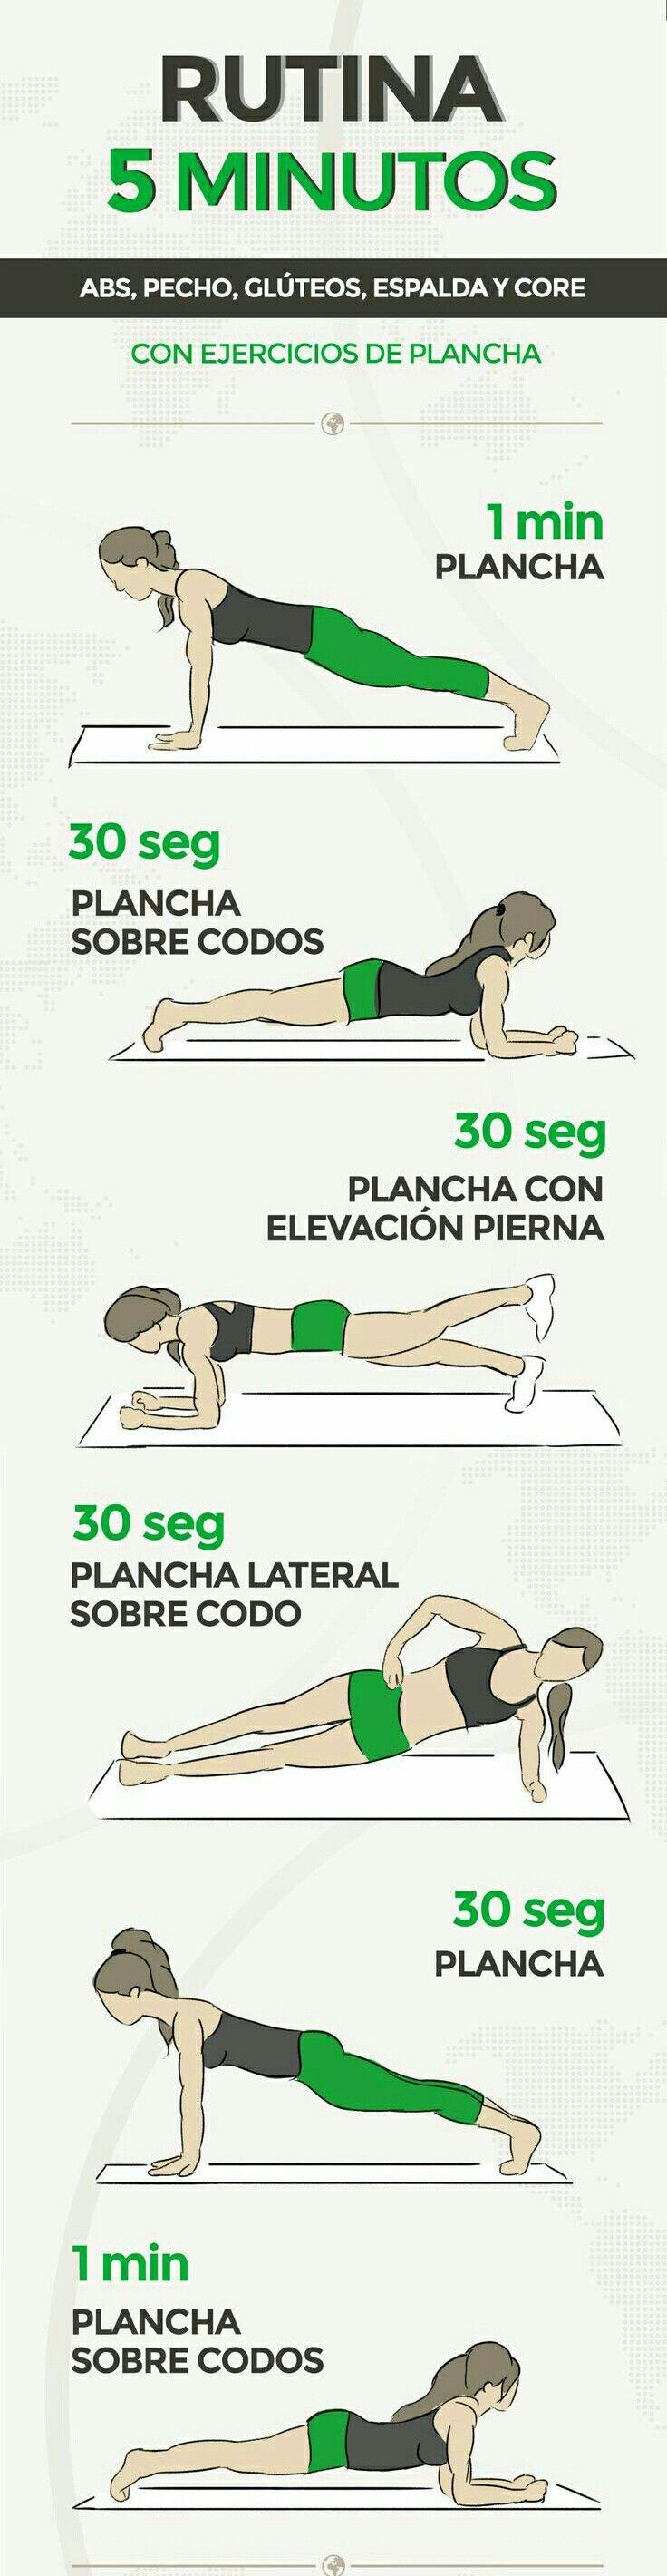 Circuito Hiit En Casa : Ejercicios en casa ejercicios gym workout